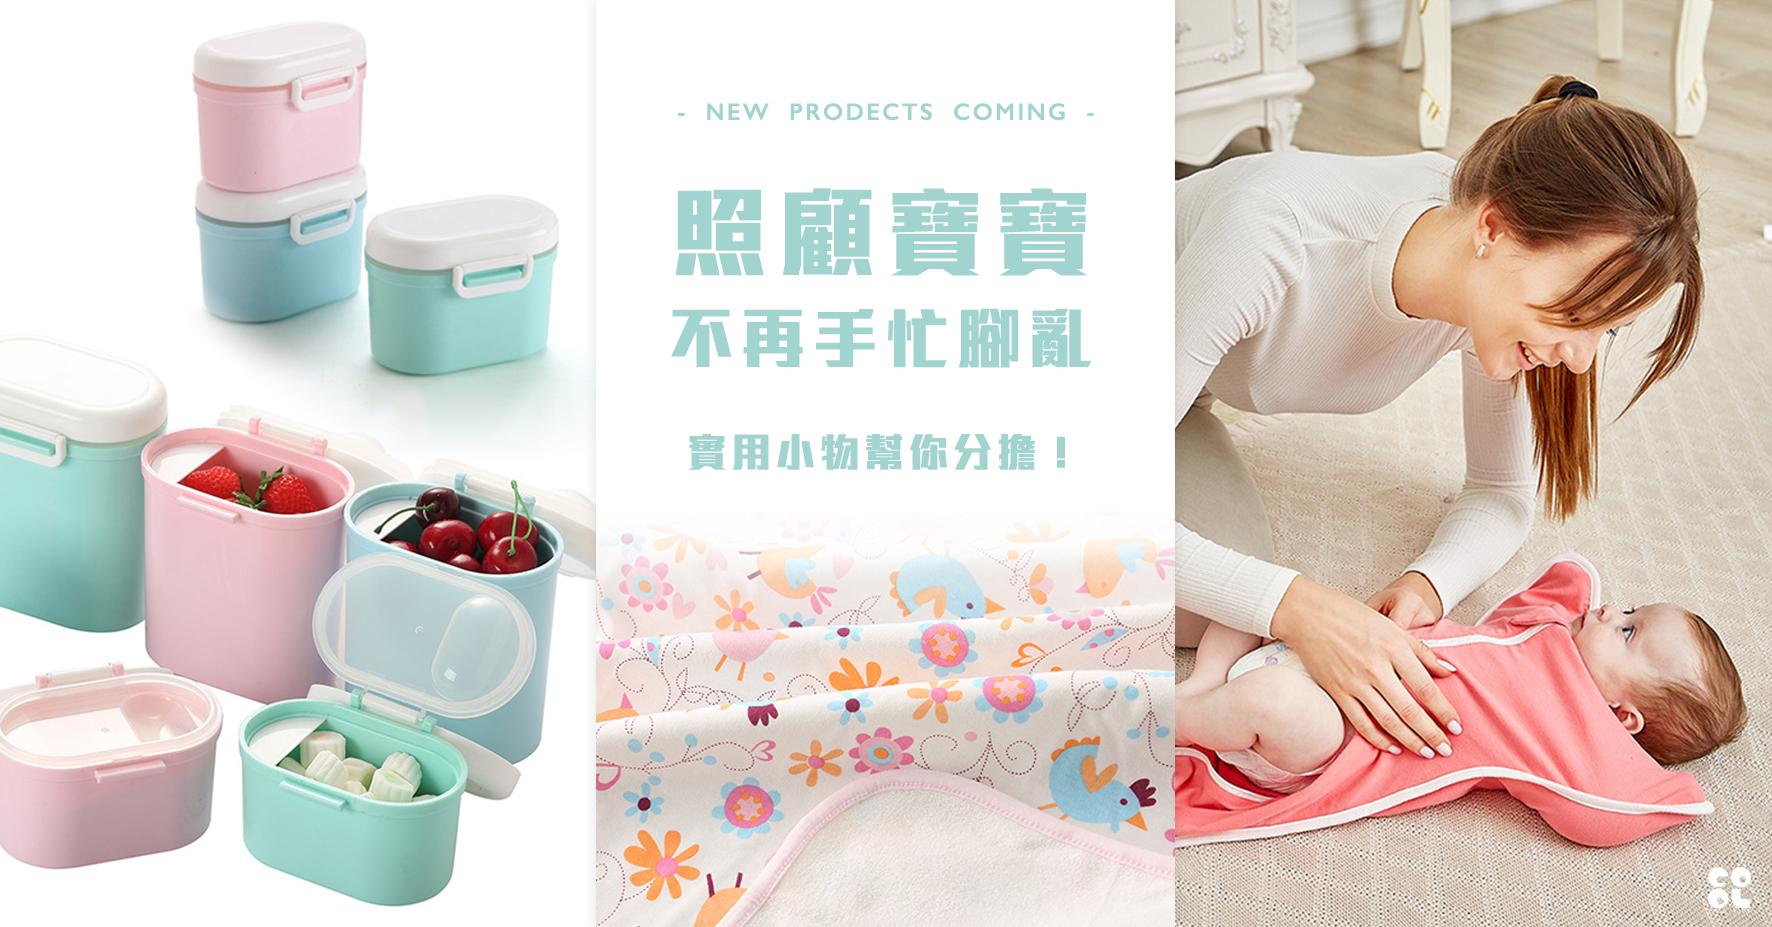 童裝,媽媽,嬰幼用品,防驚跳,襁褓,保鮮盒,奶粉分裝,奶粉盒